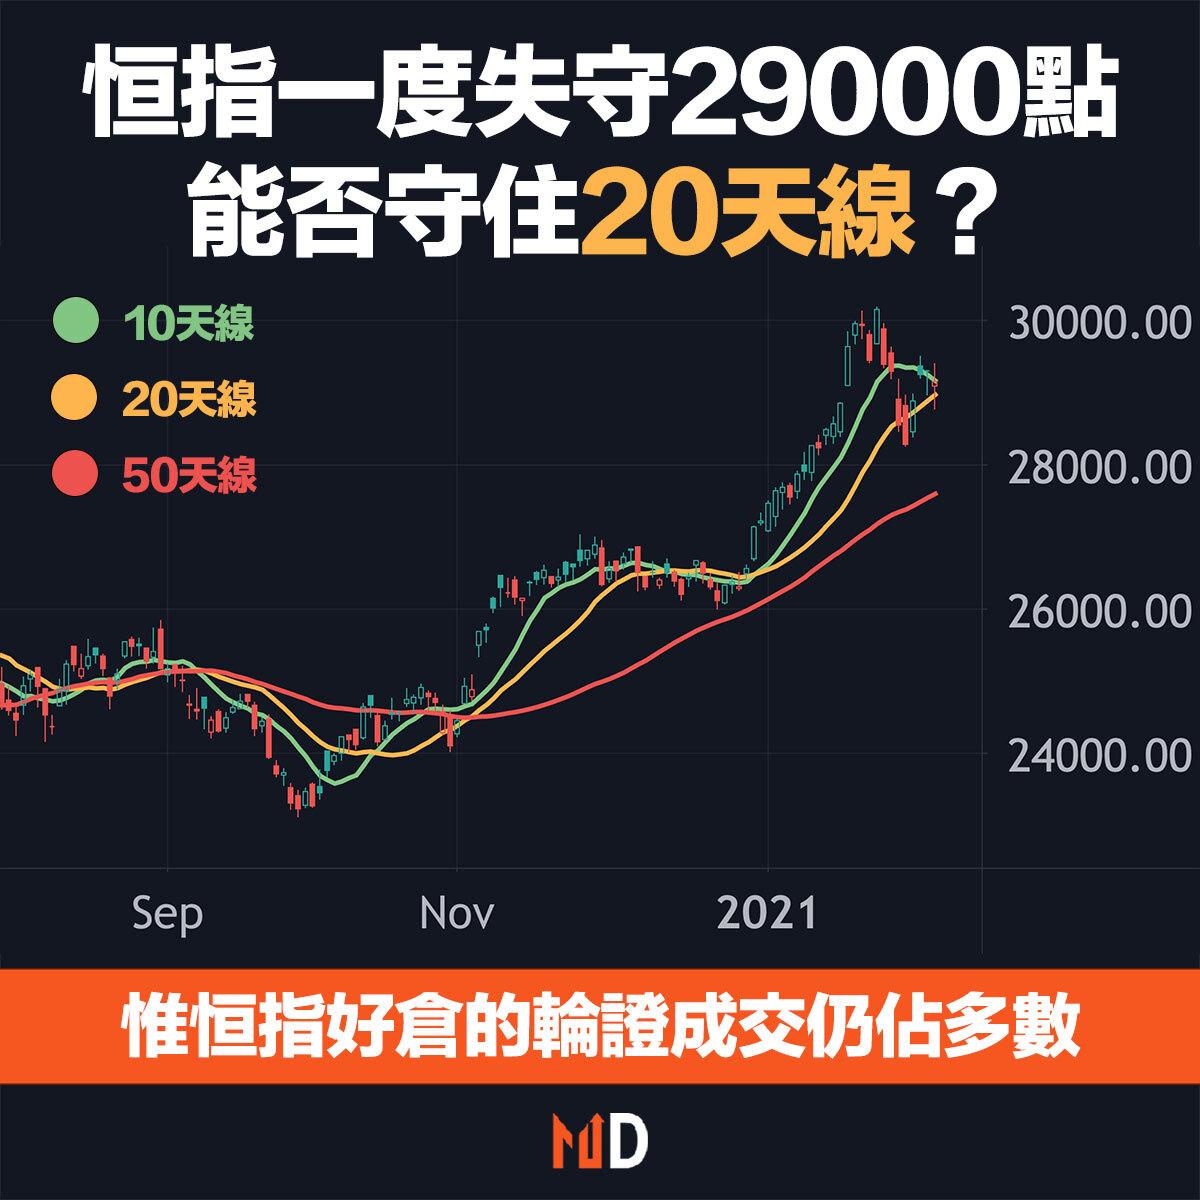 【港股分析】恒指今年內第二次跌穿20天線,失守29000點大關